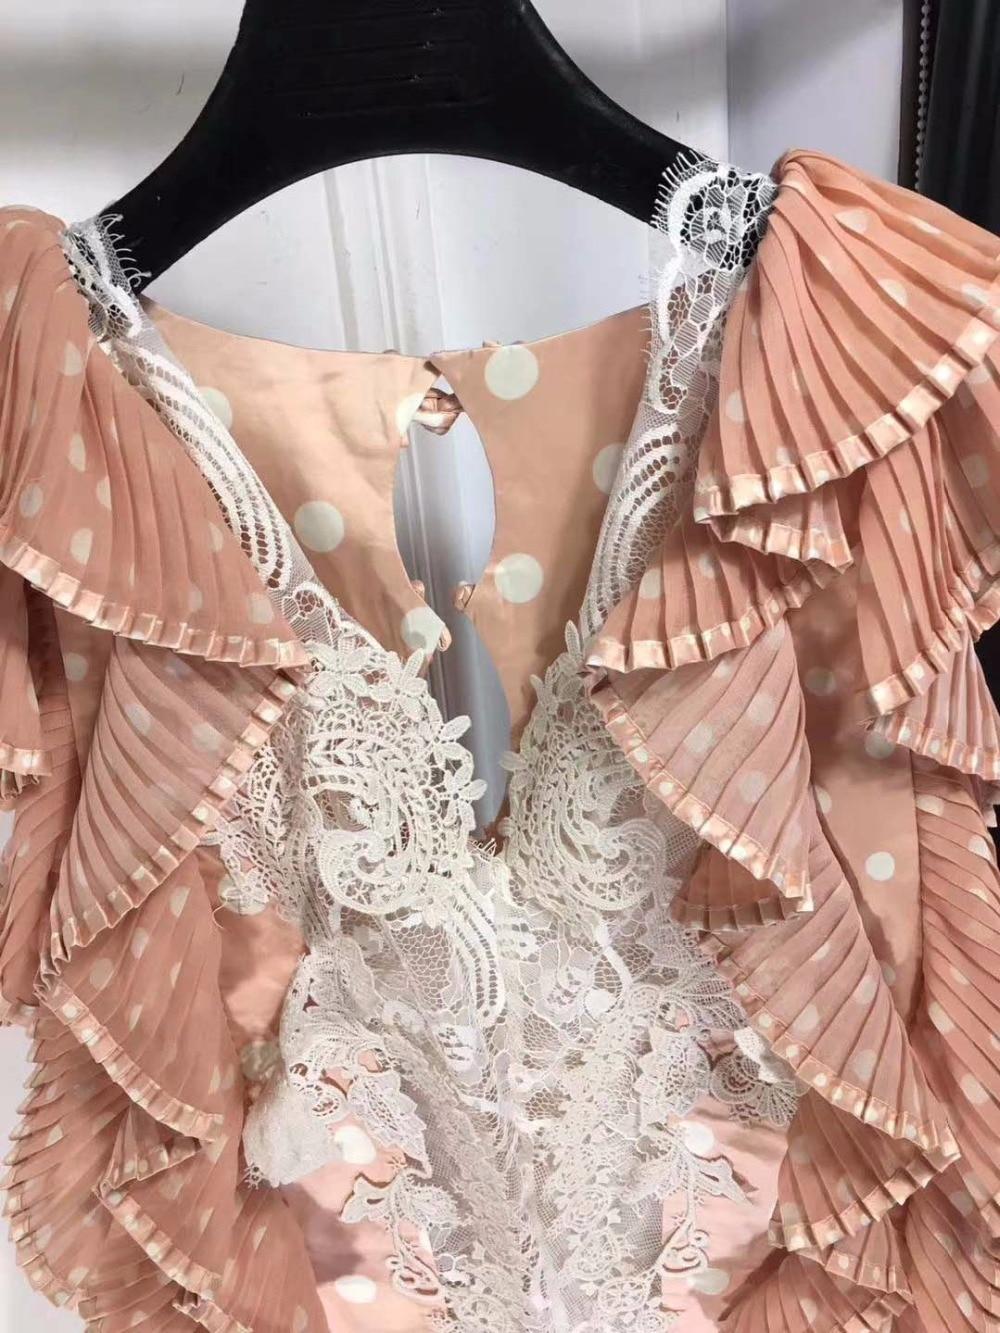 D'été Eveving Partie Mini Mode Boho Robe Sexy Femmes Spectacle Pour Modèles Vidim Robes L'ukraine De tZnq74w